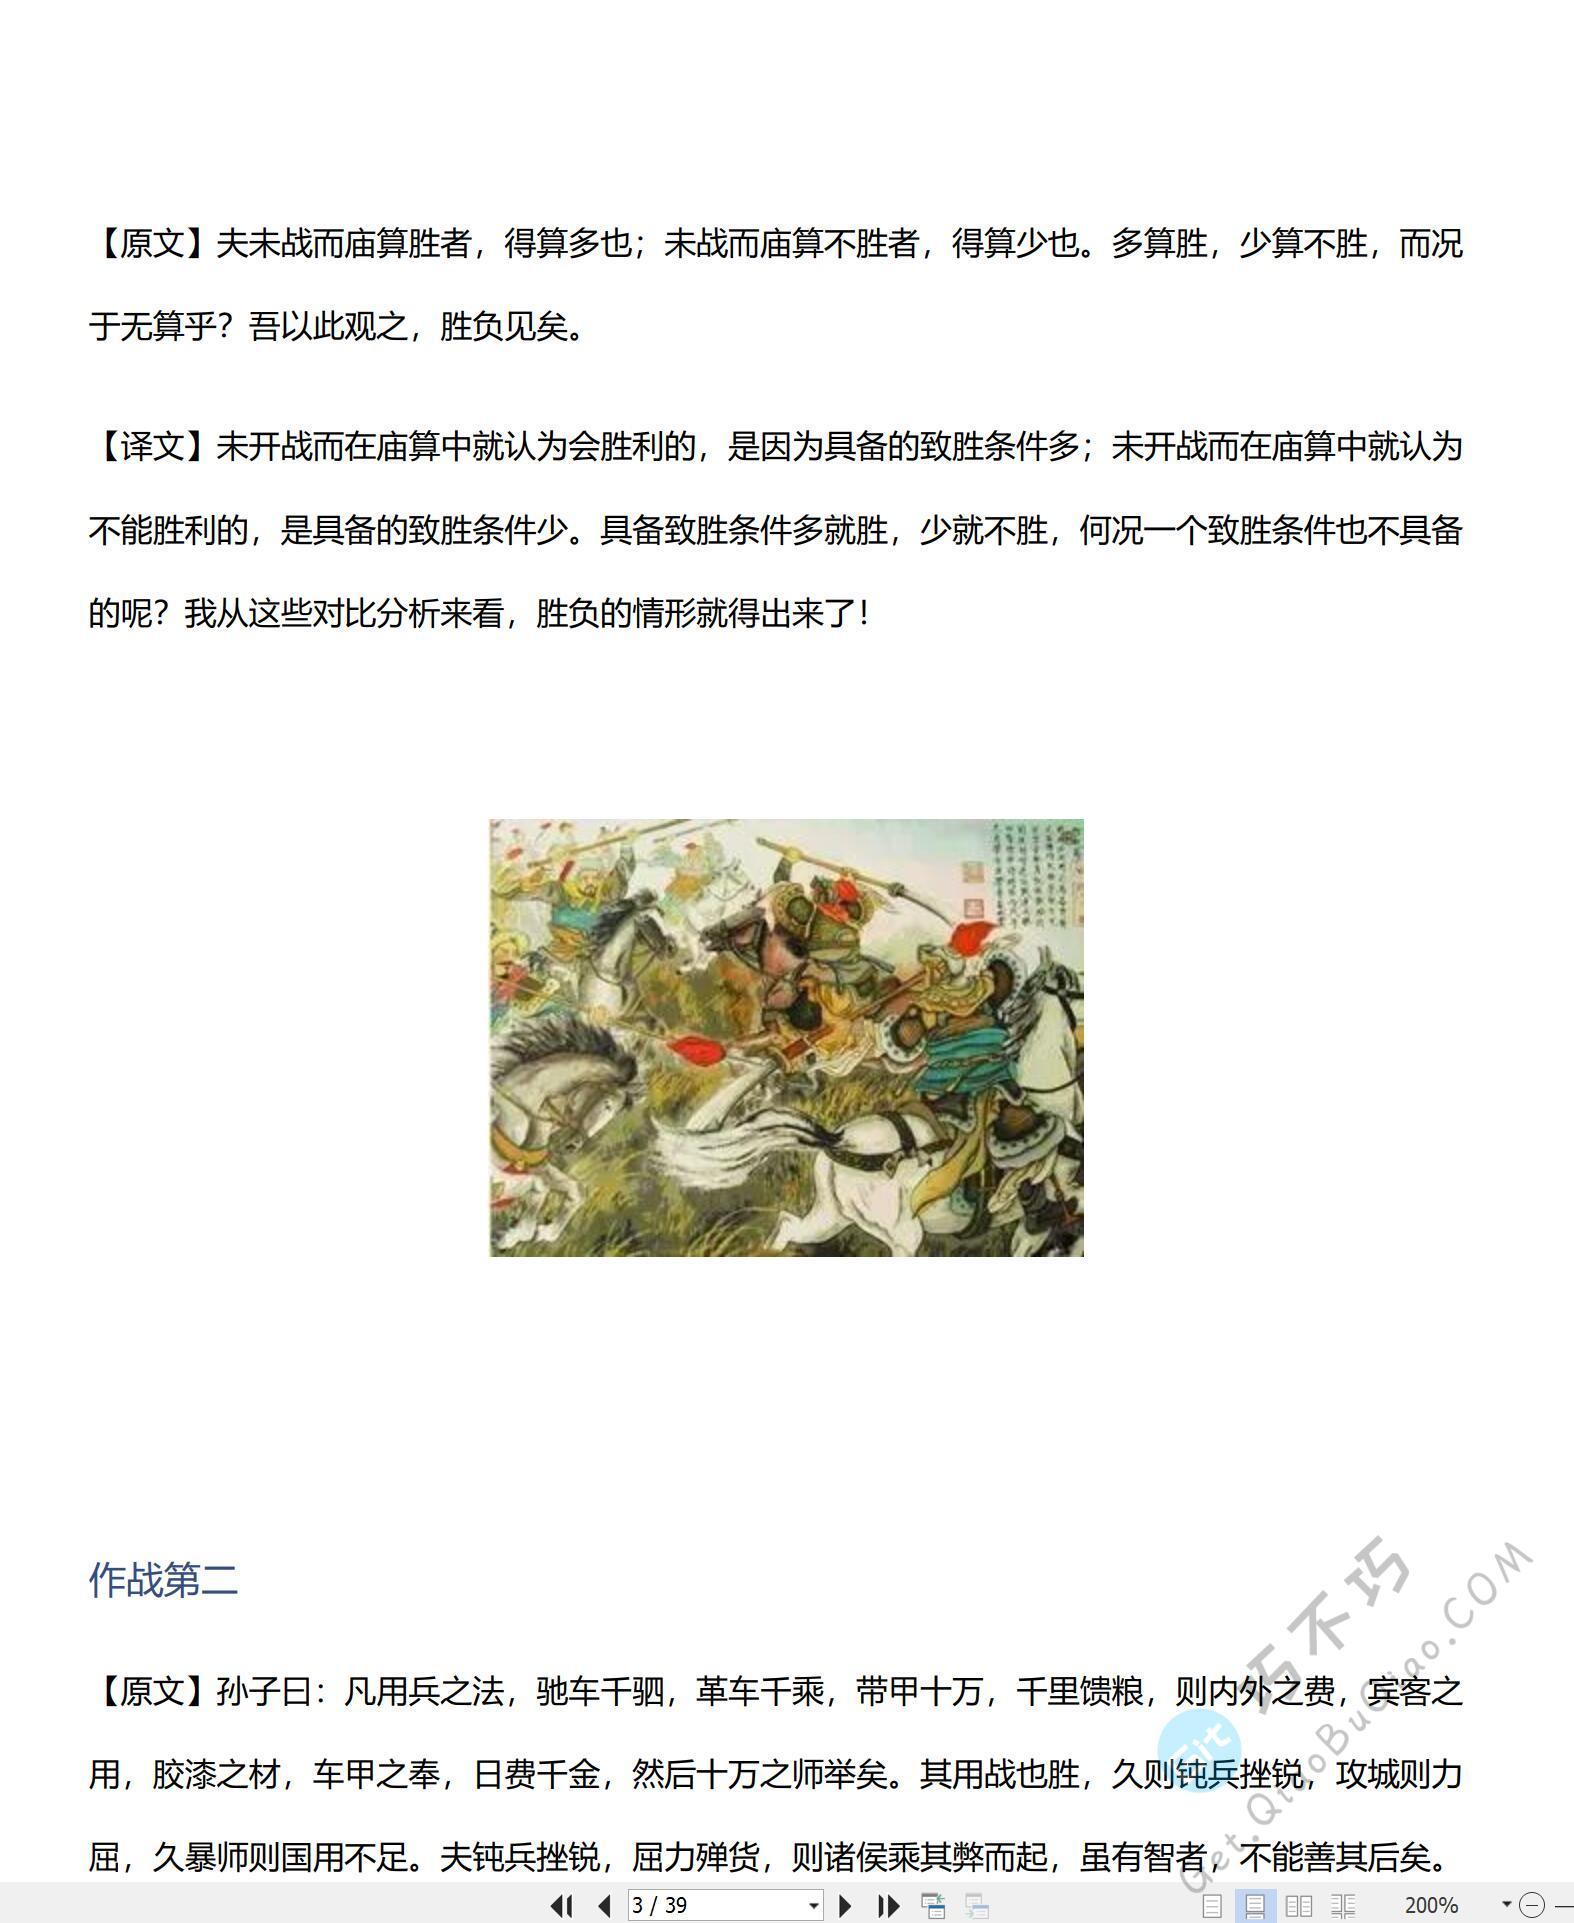 精排《孙子兵法》原文和译文,PDF+EPUB+Docx版本,干净打印版